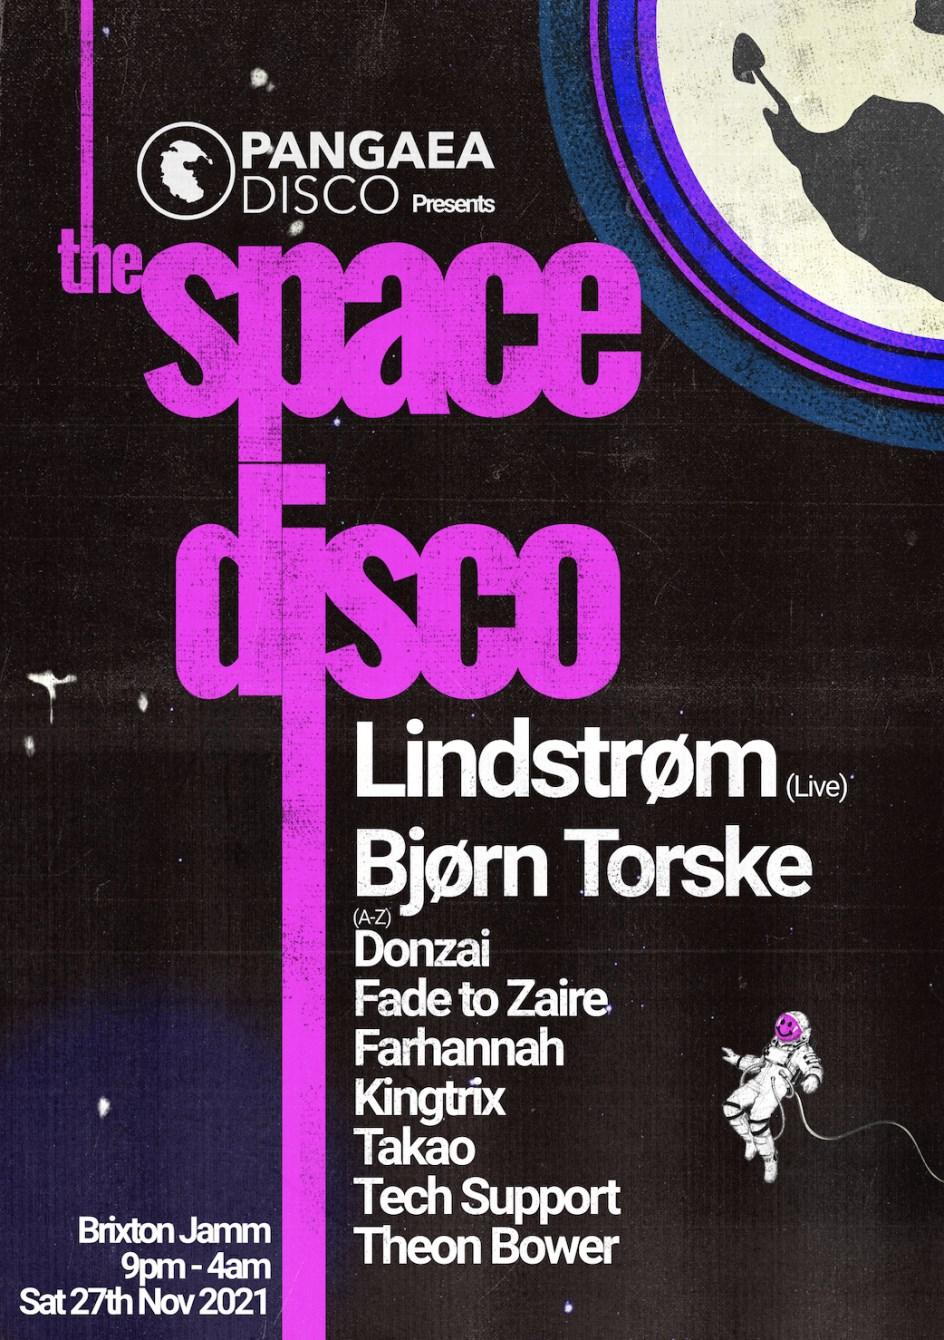 The Space Disco with Lindstrøm, Bjørn Torske & More - Flyer front